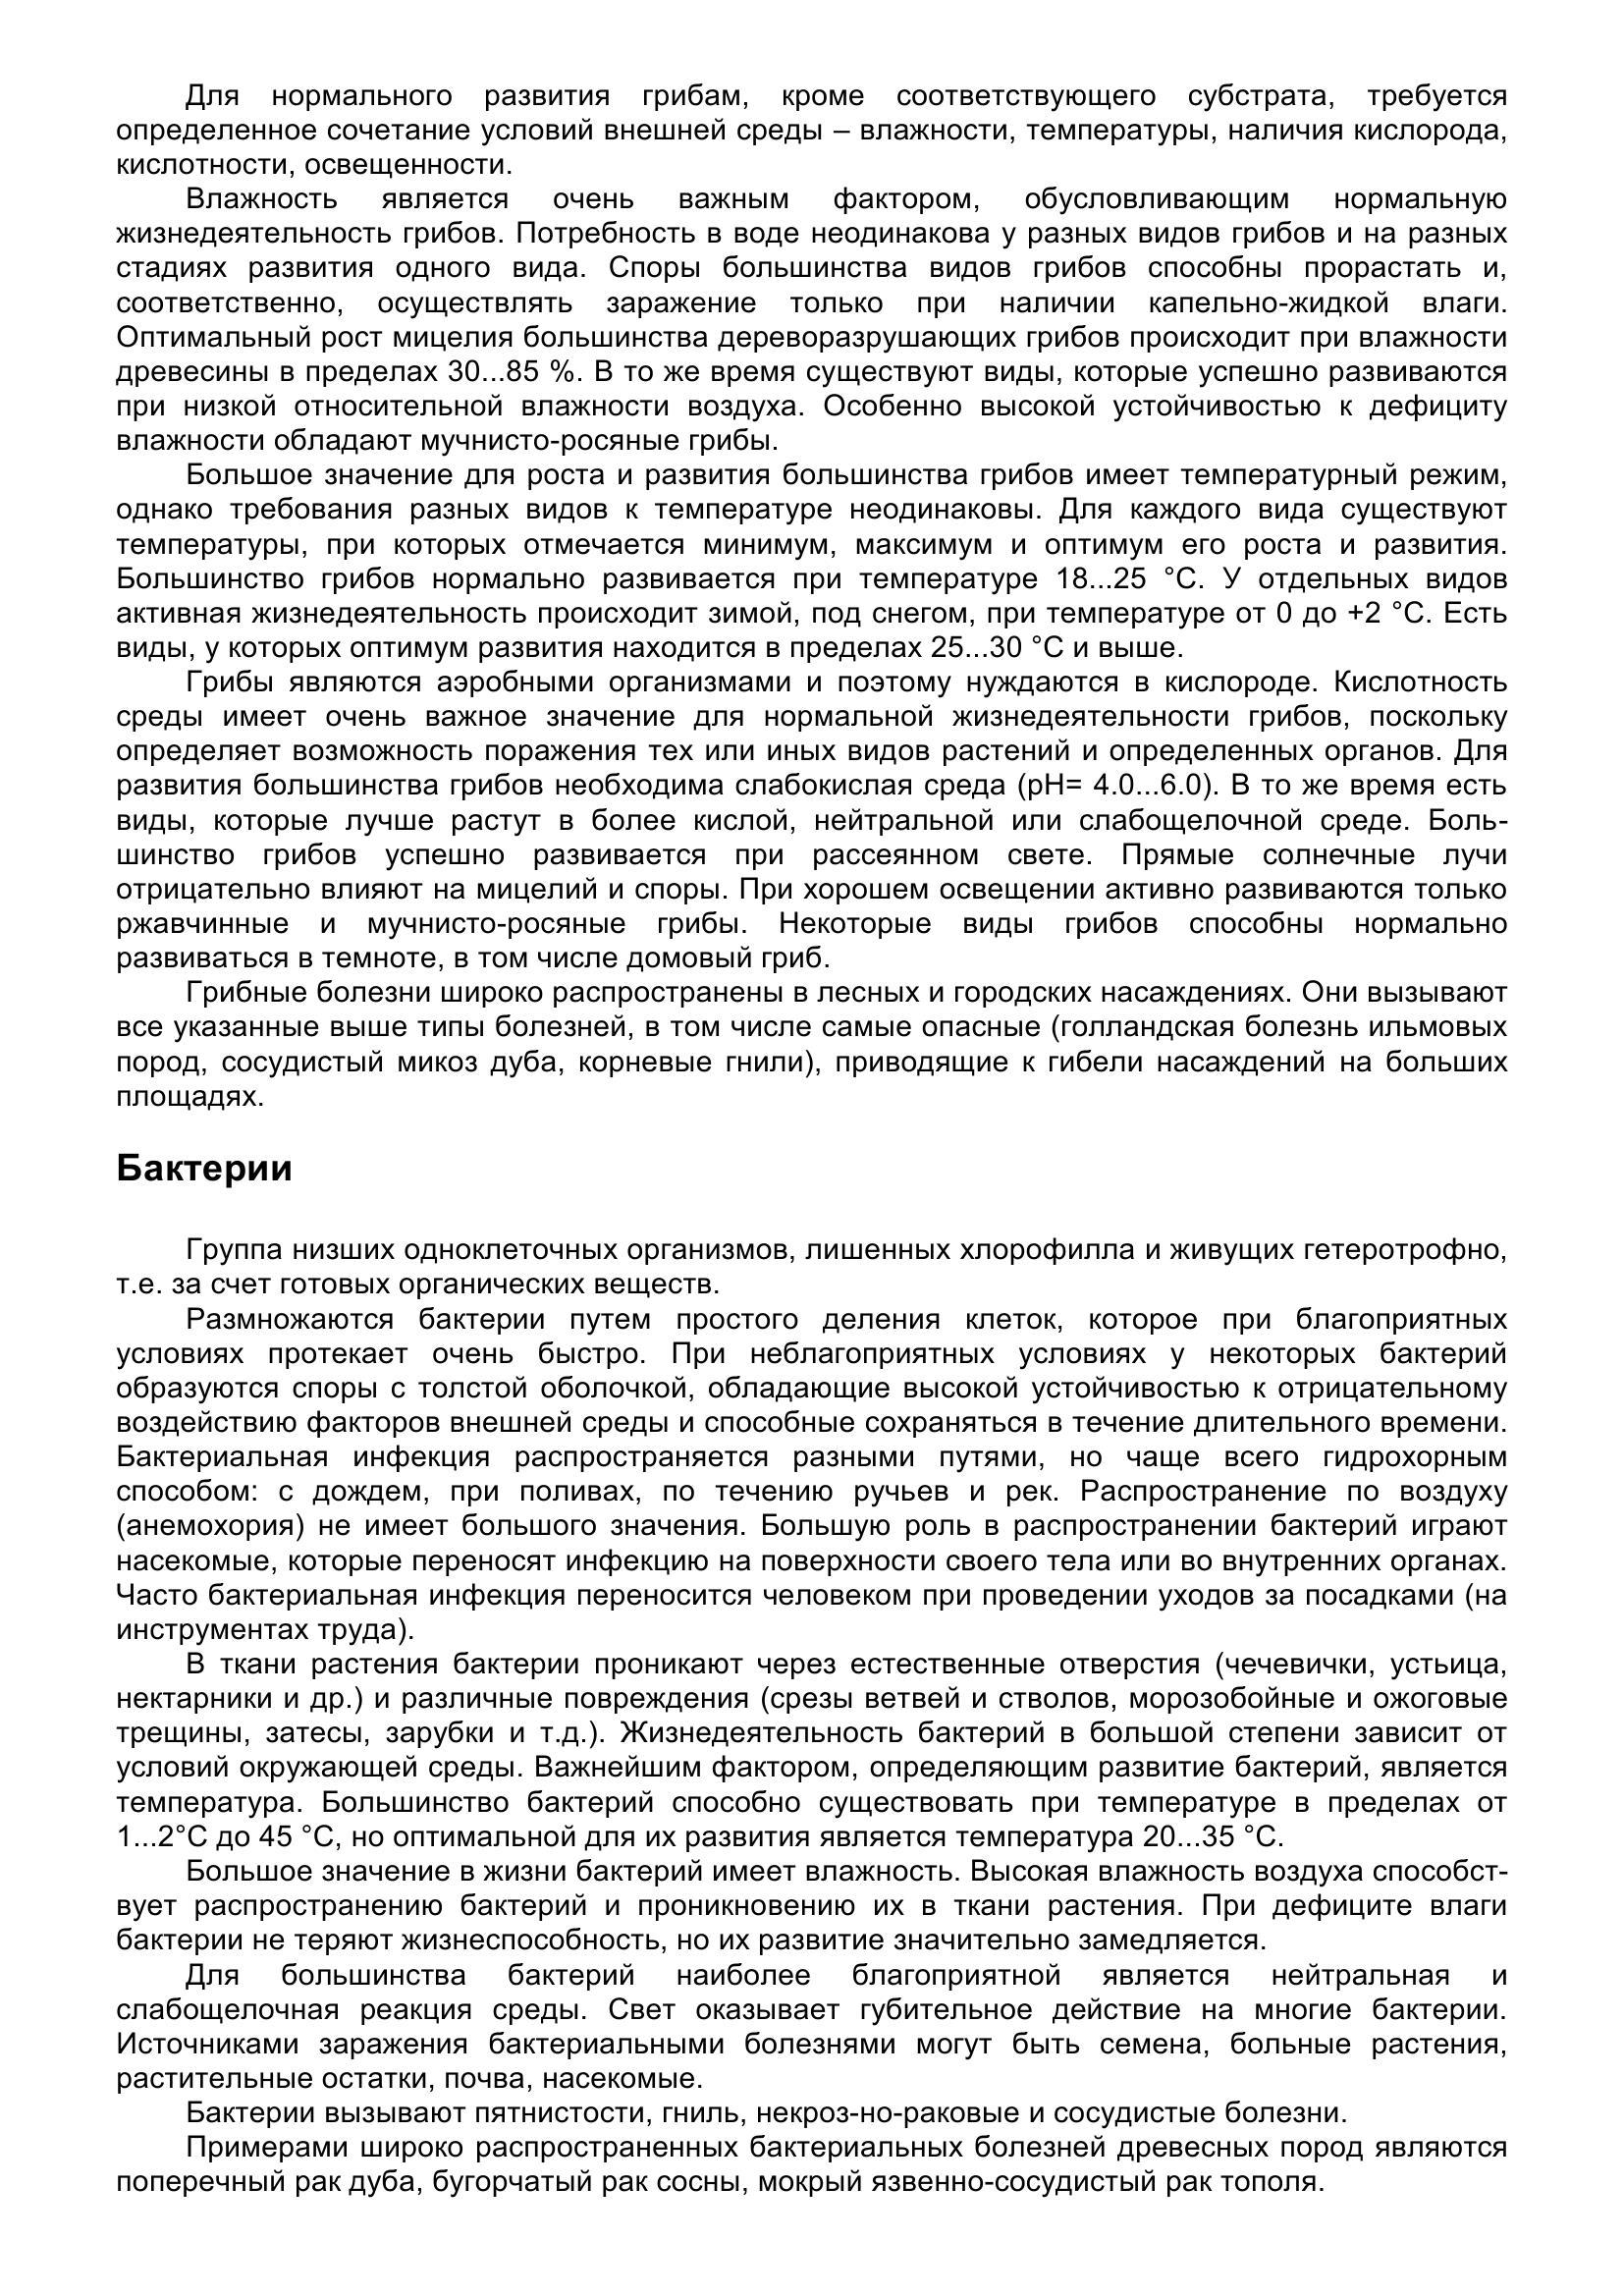 Болезни_древесных_растений_020.jpg